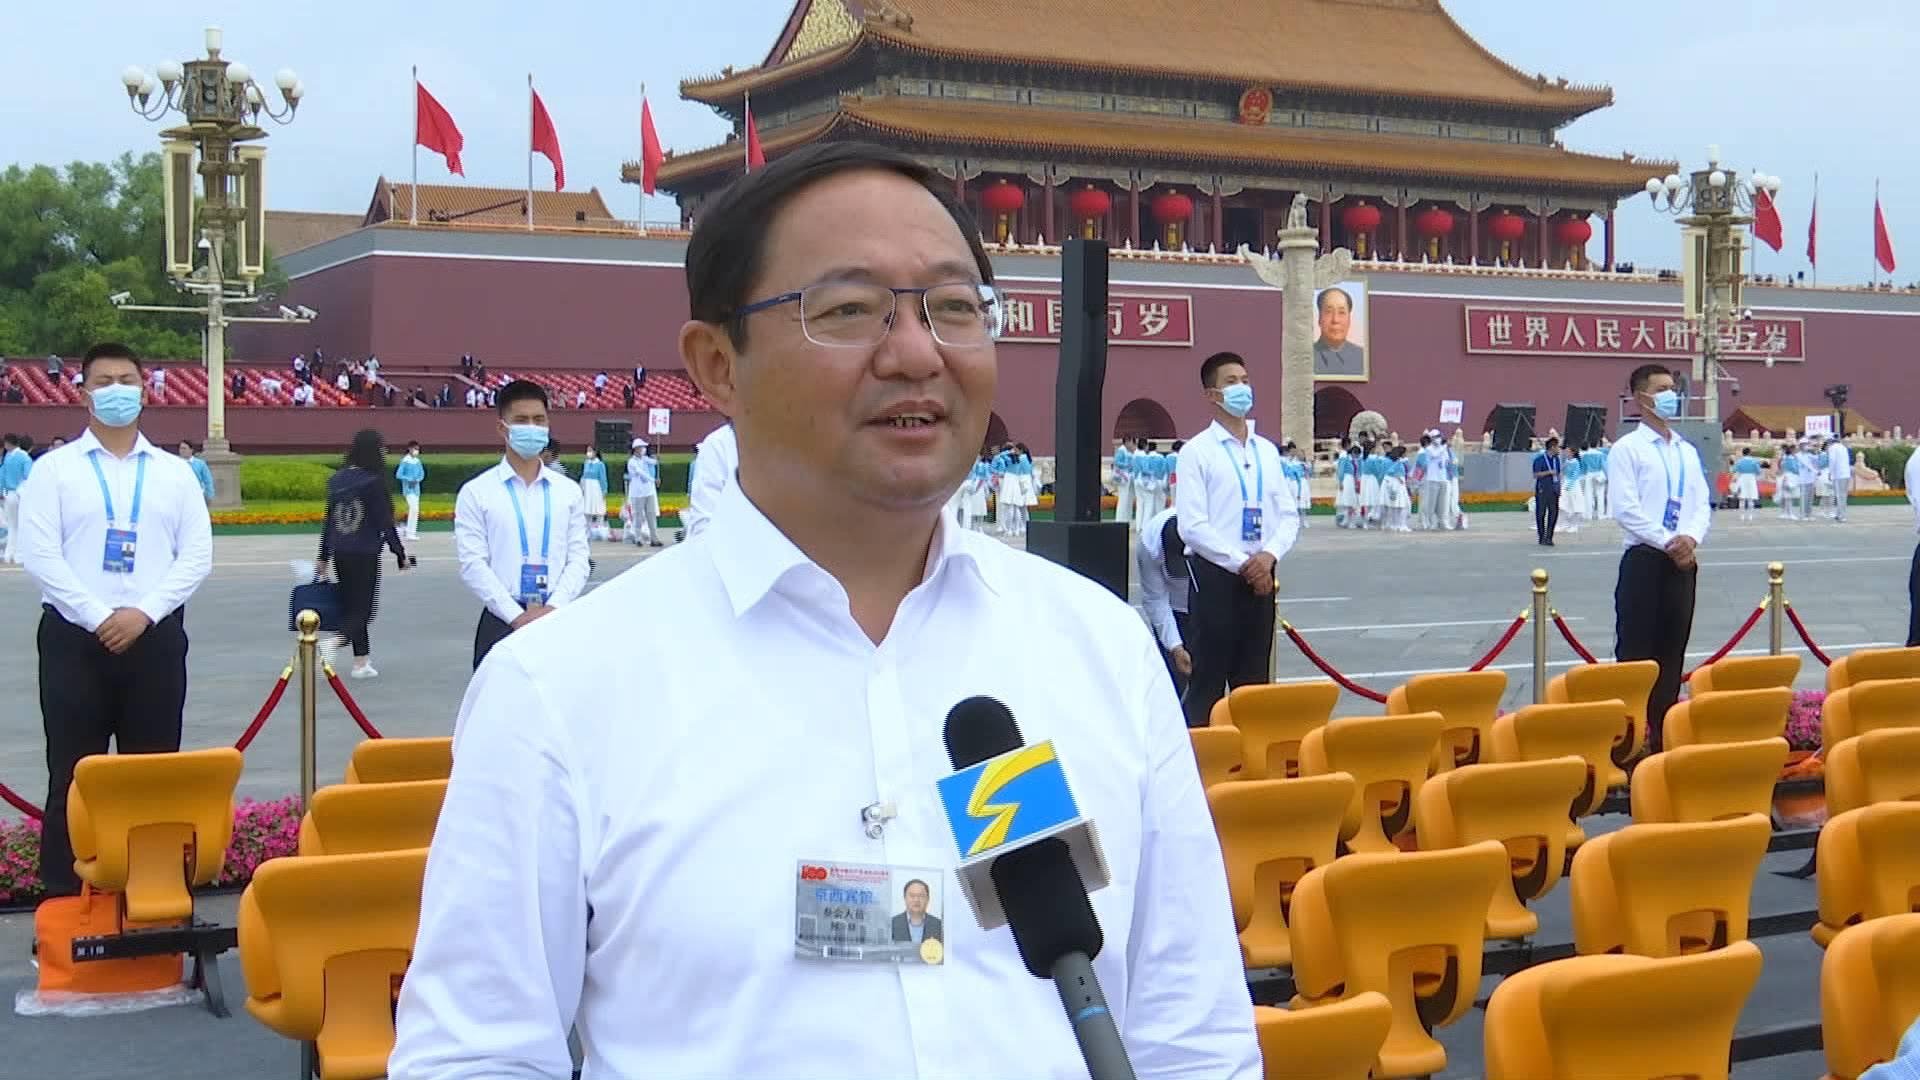 殷健:加倍努力加倍奉献 为实现第二个百年奋斗目标贡献更大力量 全国先进基层党组织